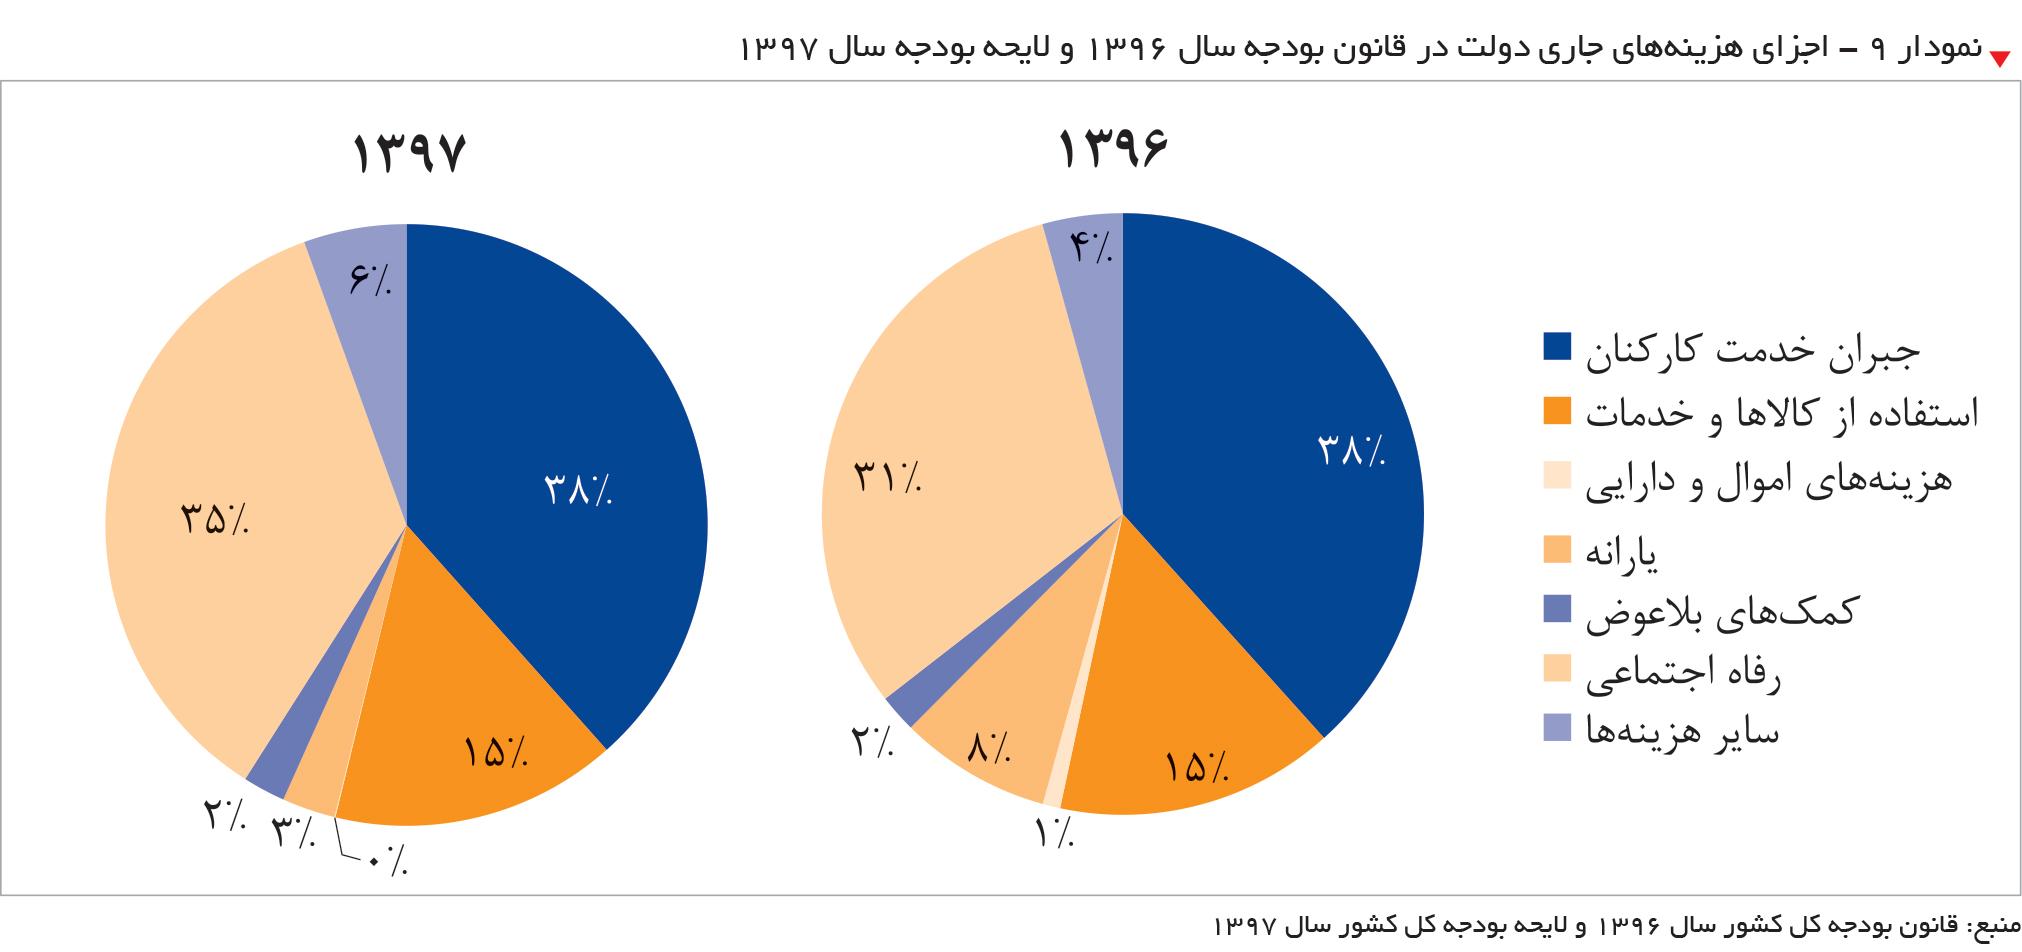 تجارت- فردا-  نمودار ۹ - اجزای هزینههای جاری دولت در قانون بودجه سال ۱۳۹۶ و لایحه بودجه سال 1397